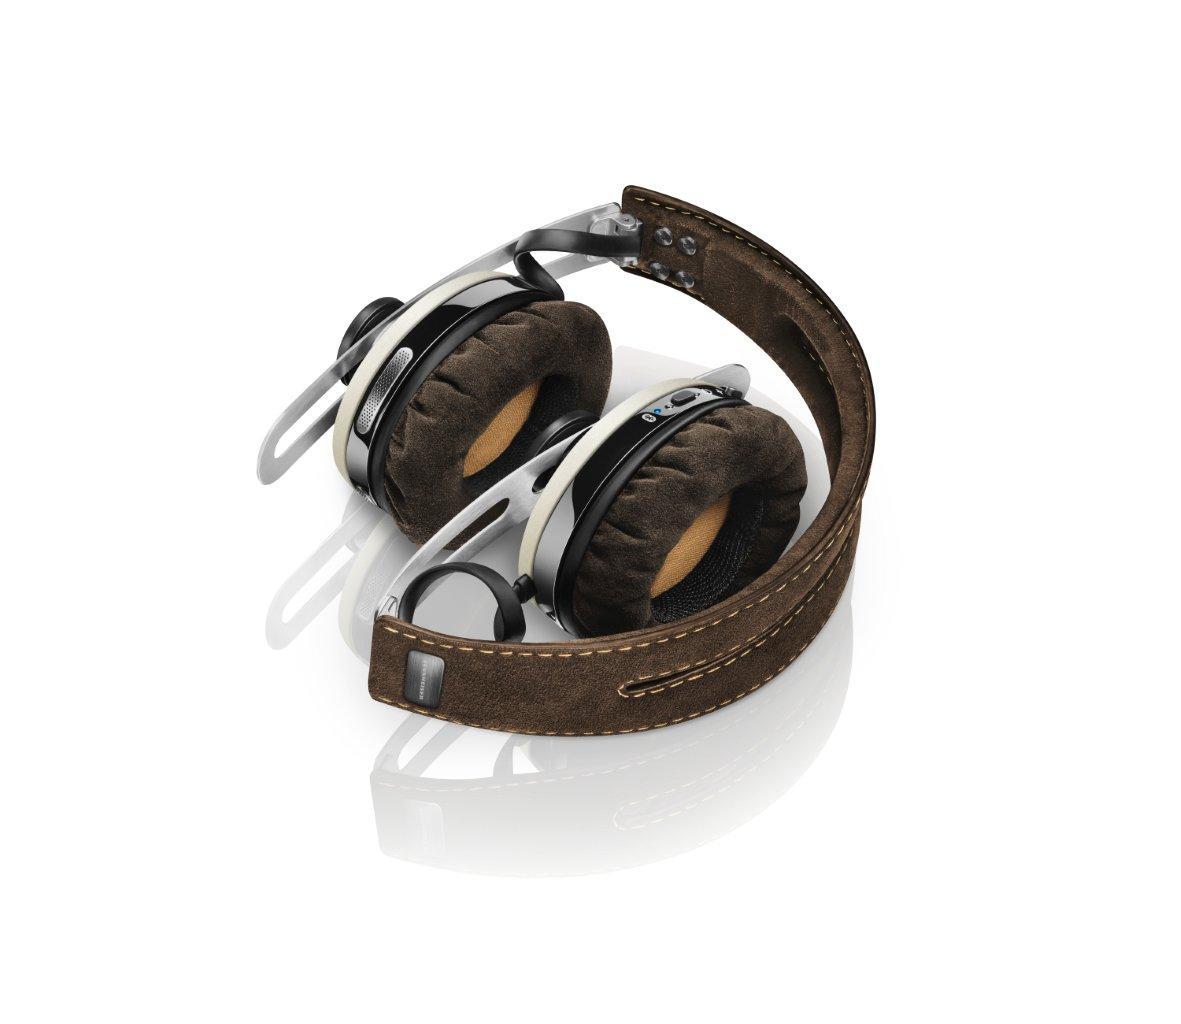 Momentum On Ear Wireless_INR 34,990